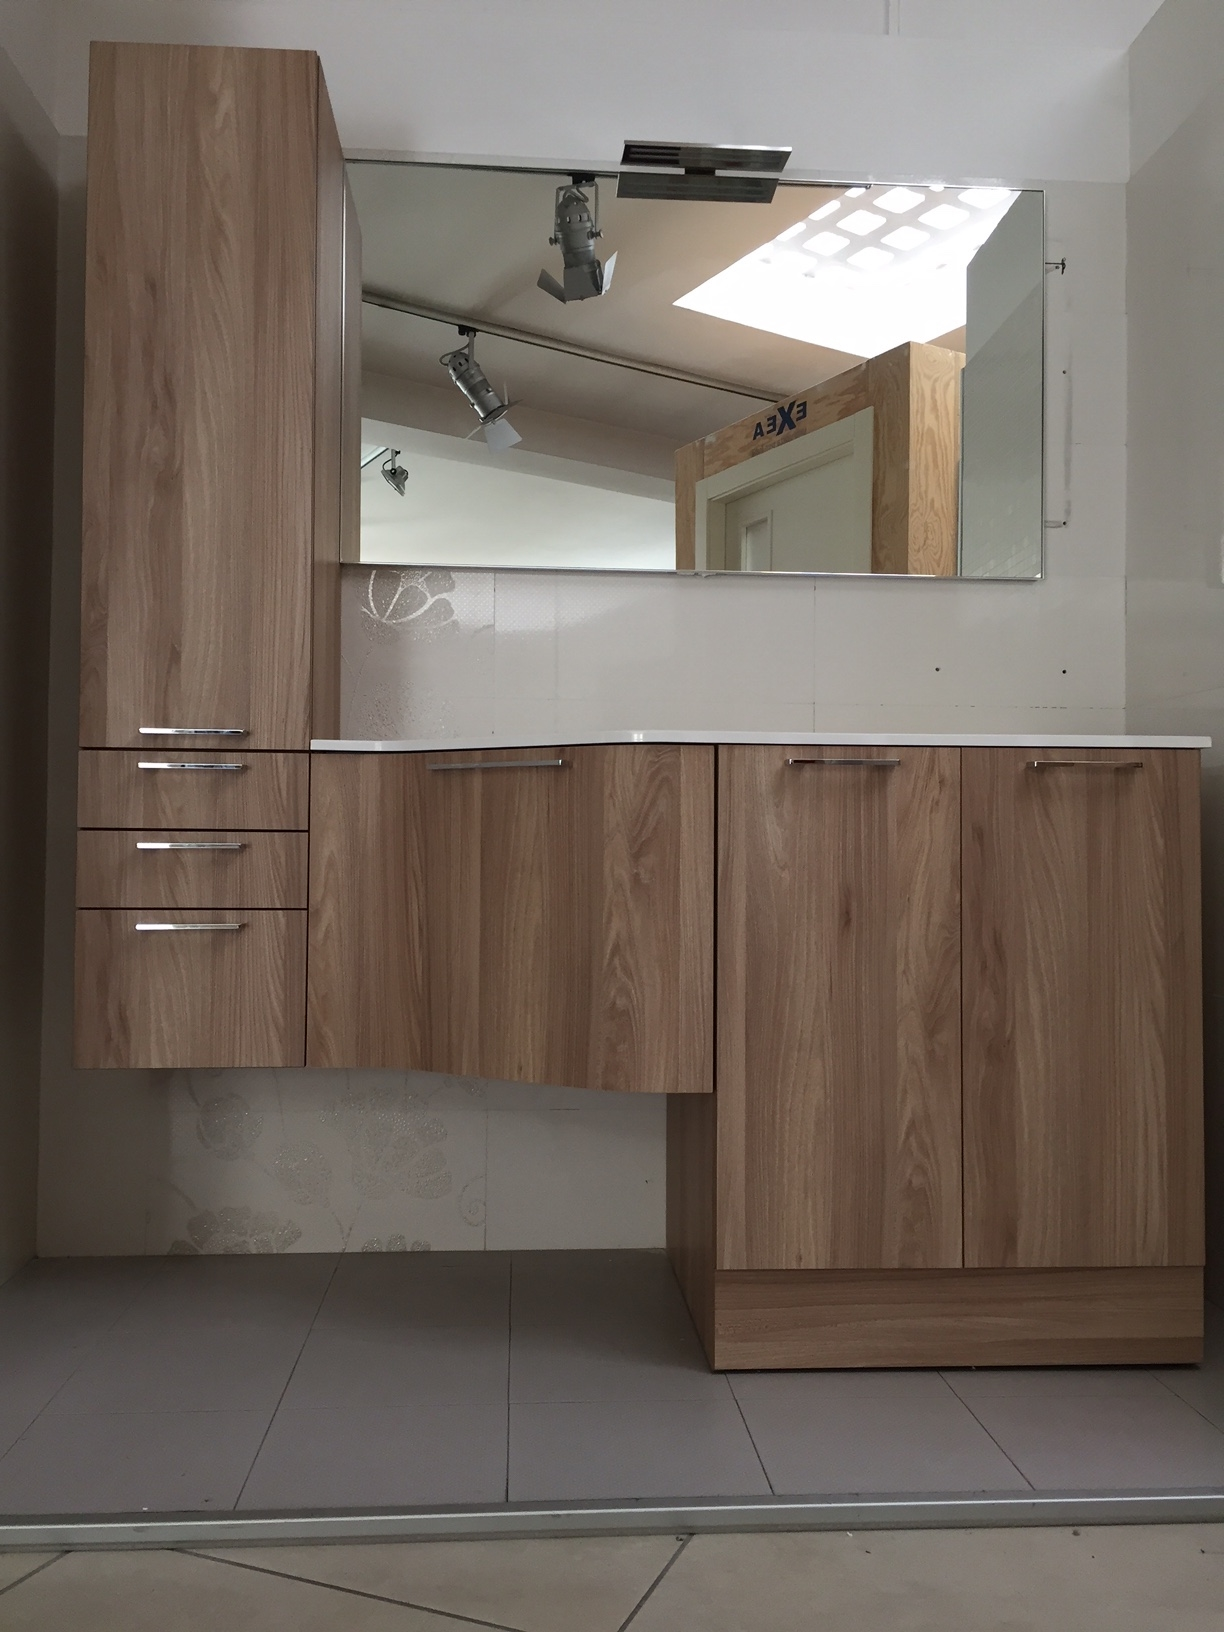 Mobile bagno lavanderia arbi a prezzi scontati arredo - Bagno arredo prezzi ...